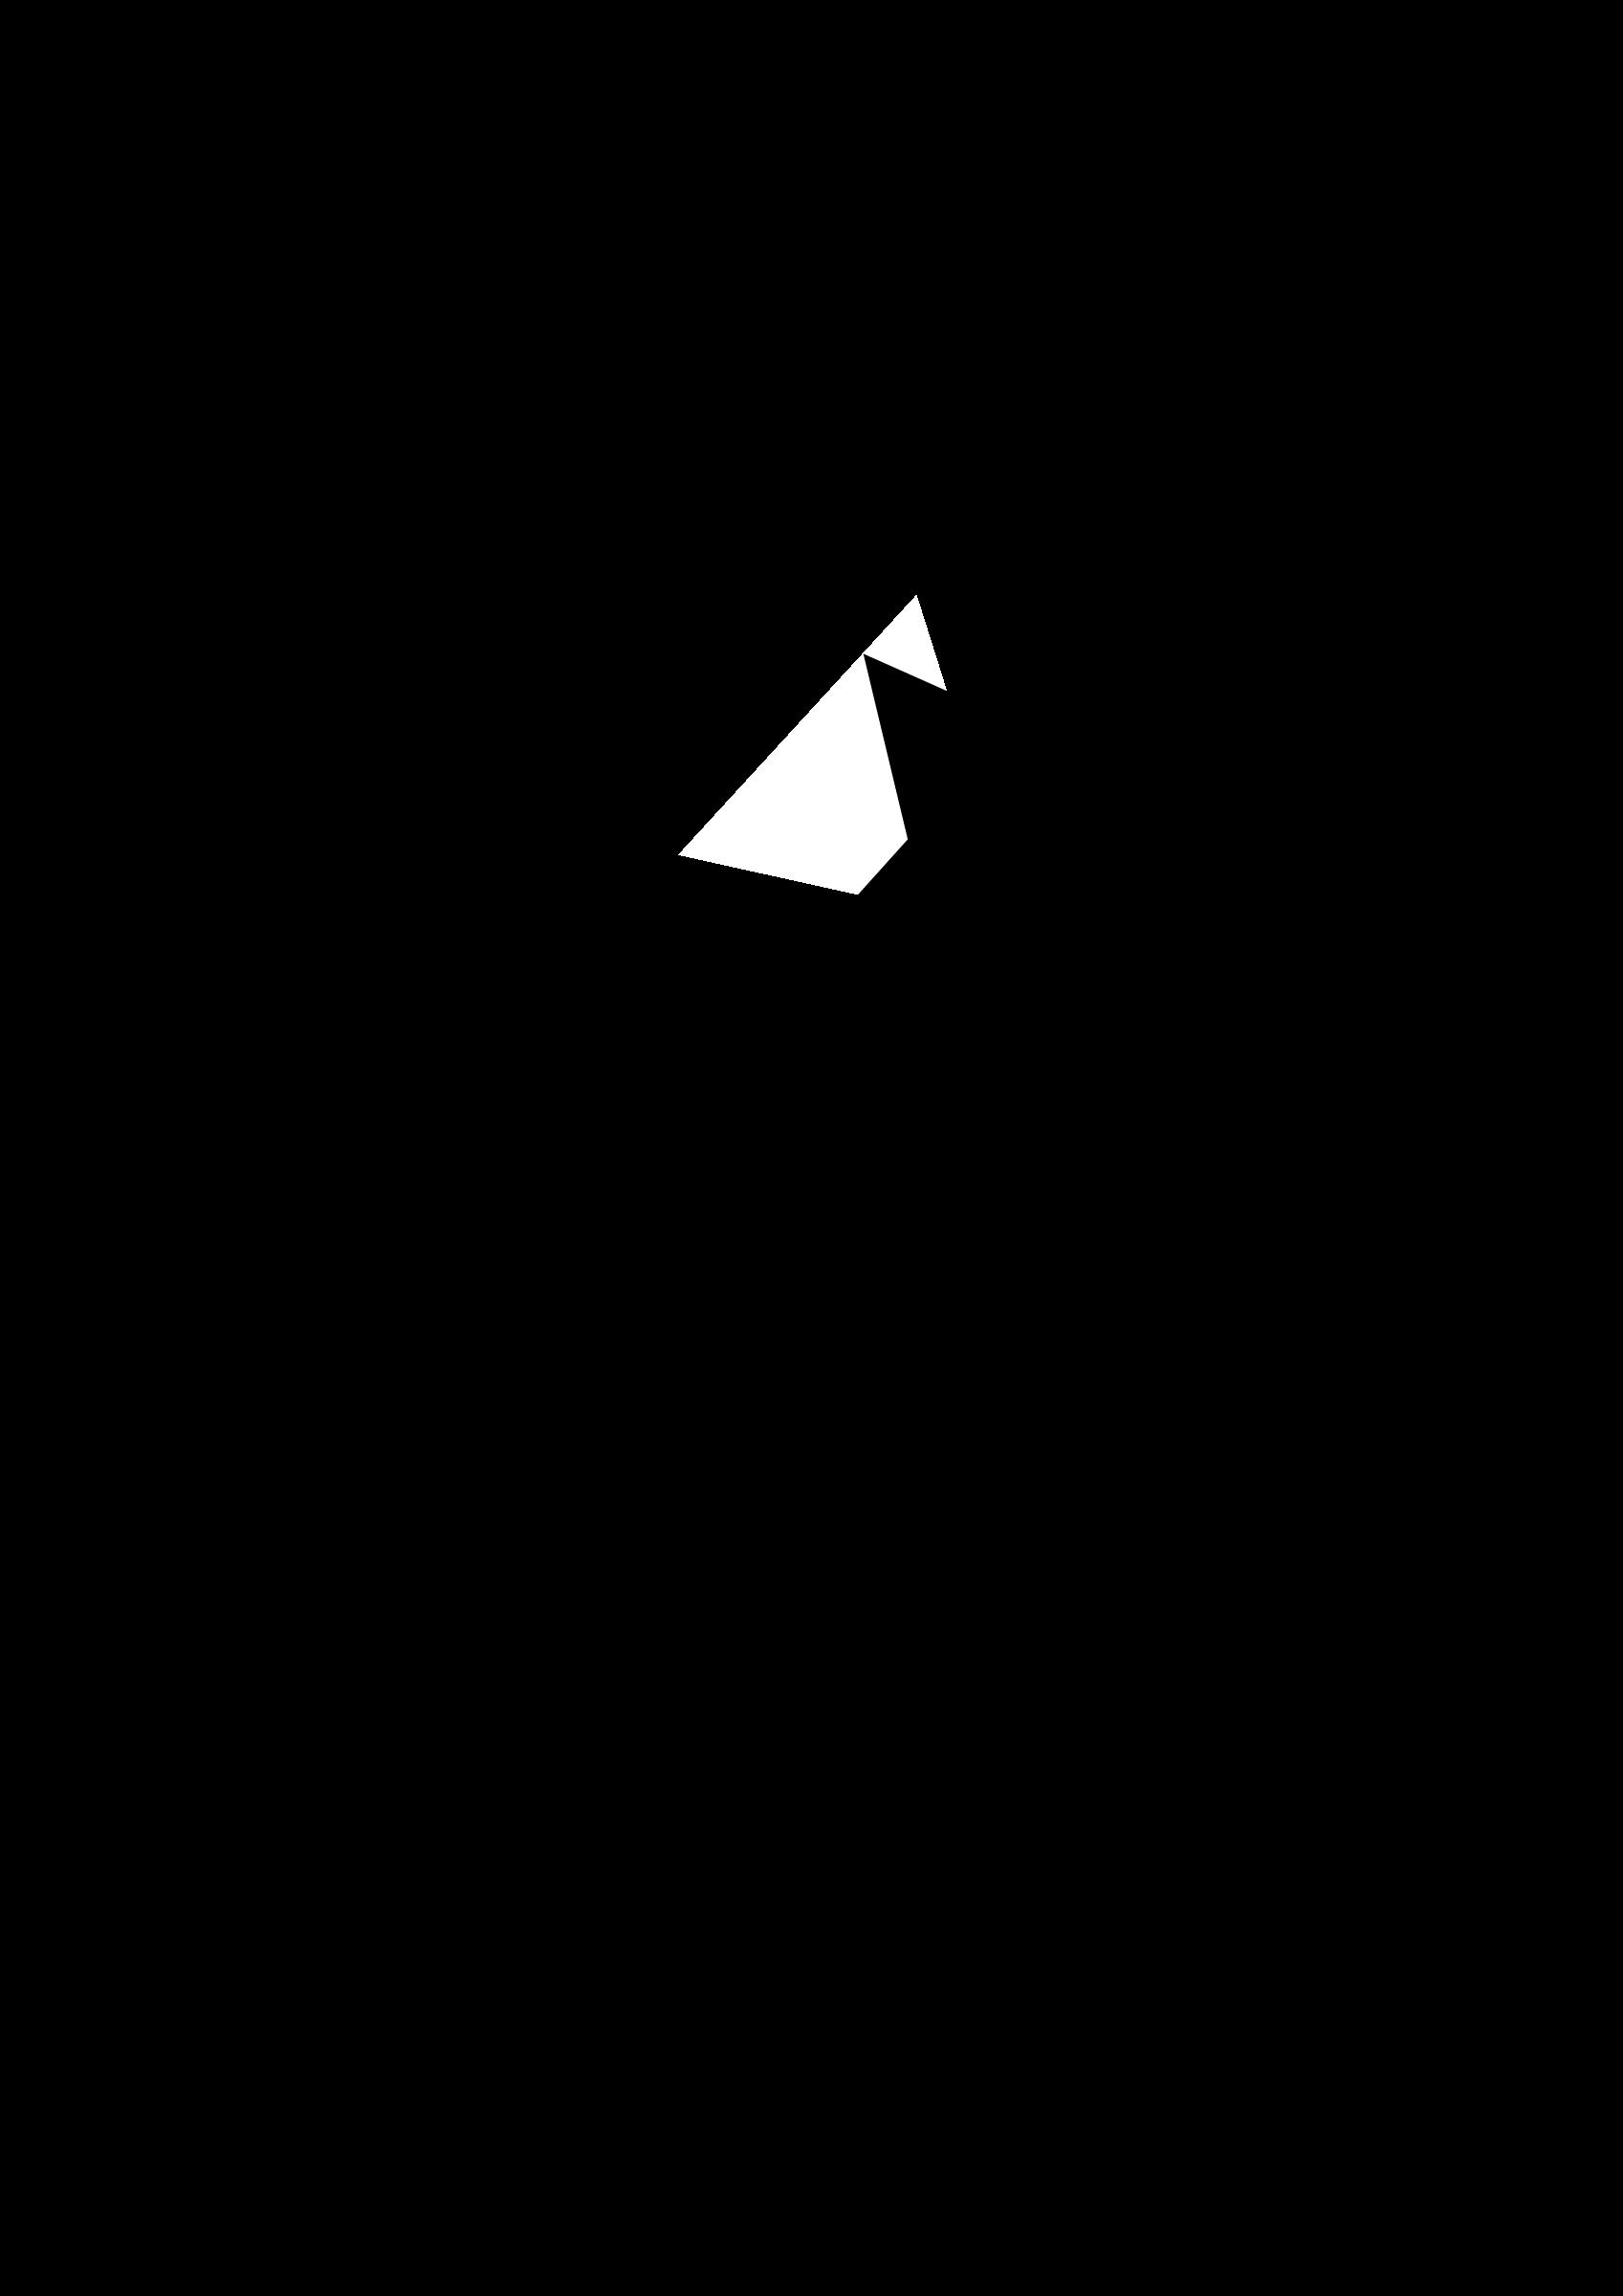 Clipart Estrella Musulman